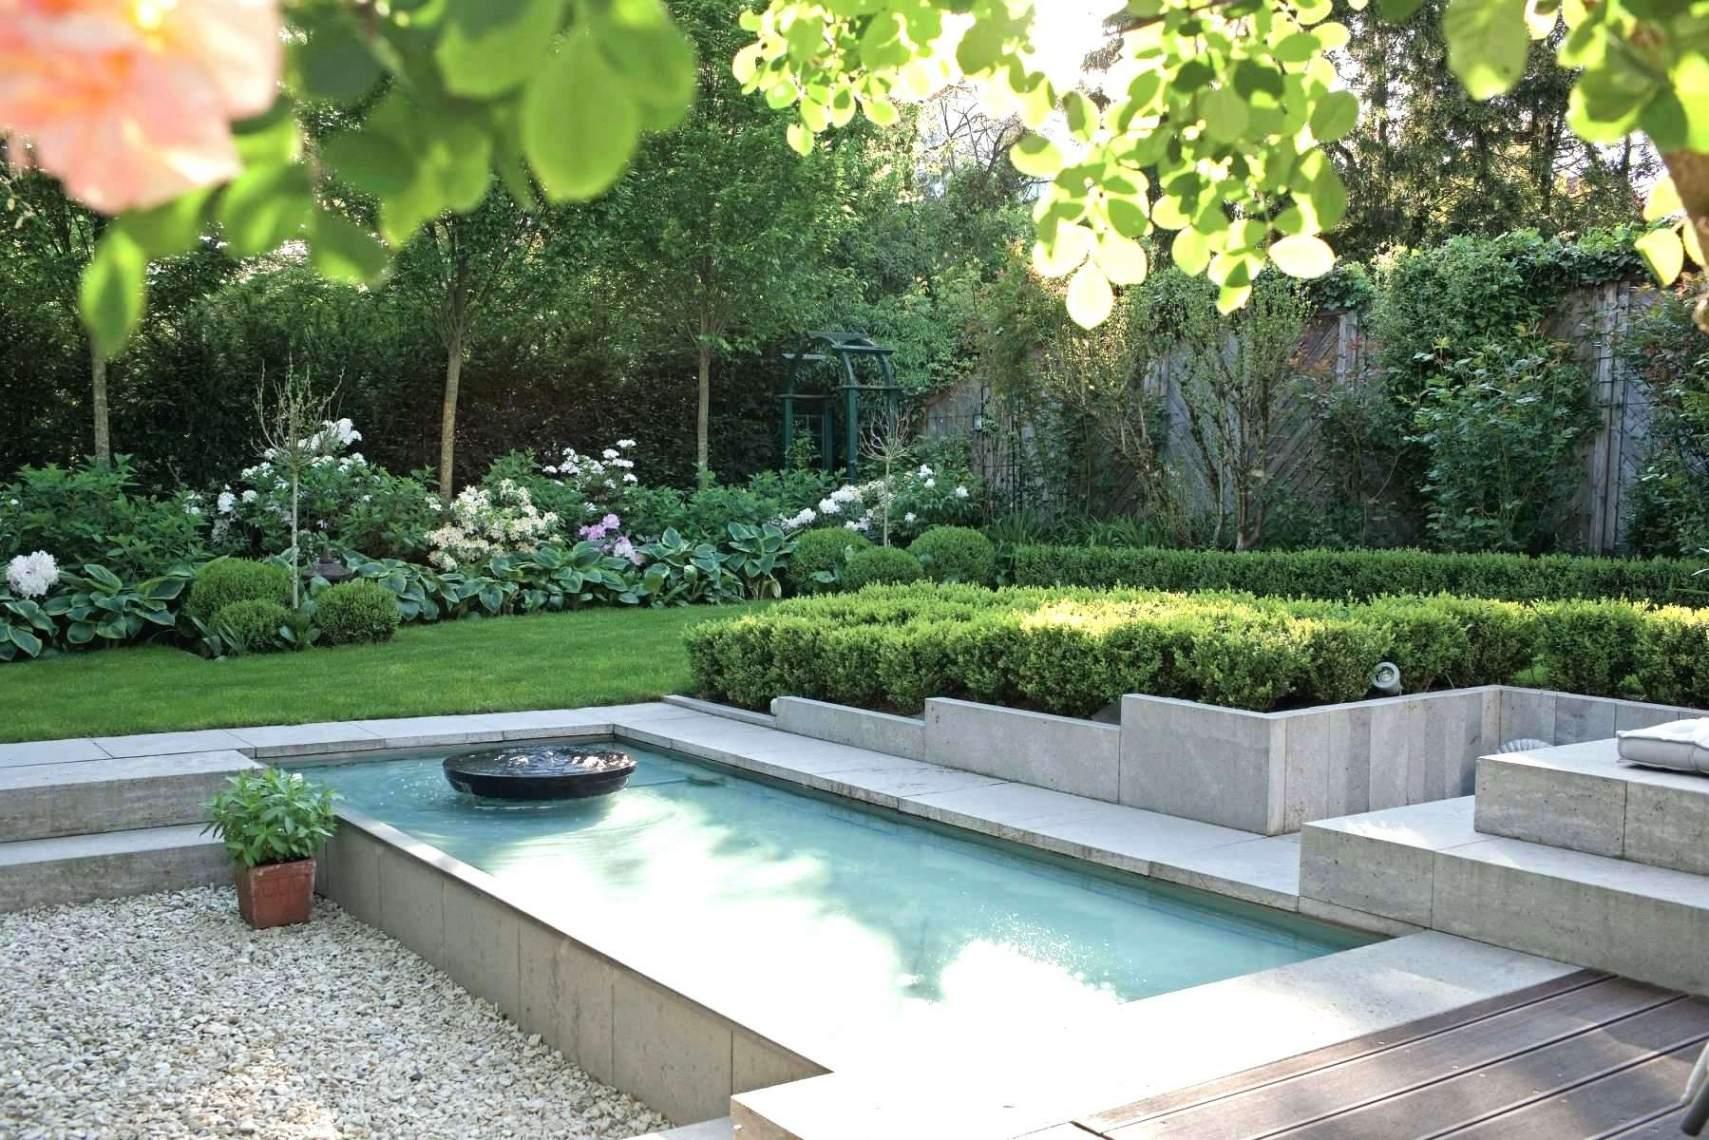 Garten Mediterran Gestalten Frisch Wintergarten Mediterran Gestalten — Temobardz Home Blog